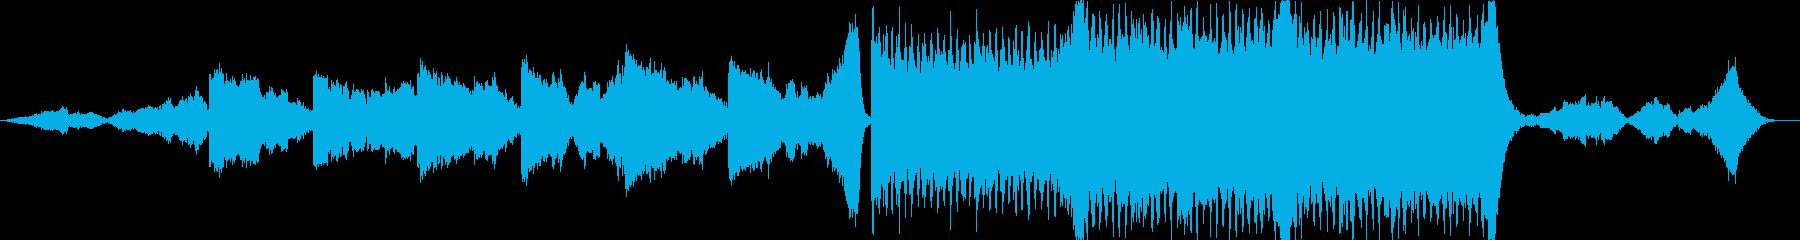 映画のエンディングのような壮大な楽曲ですの再生済みの波形